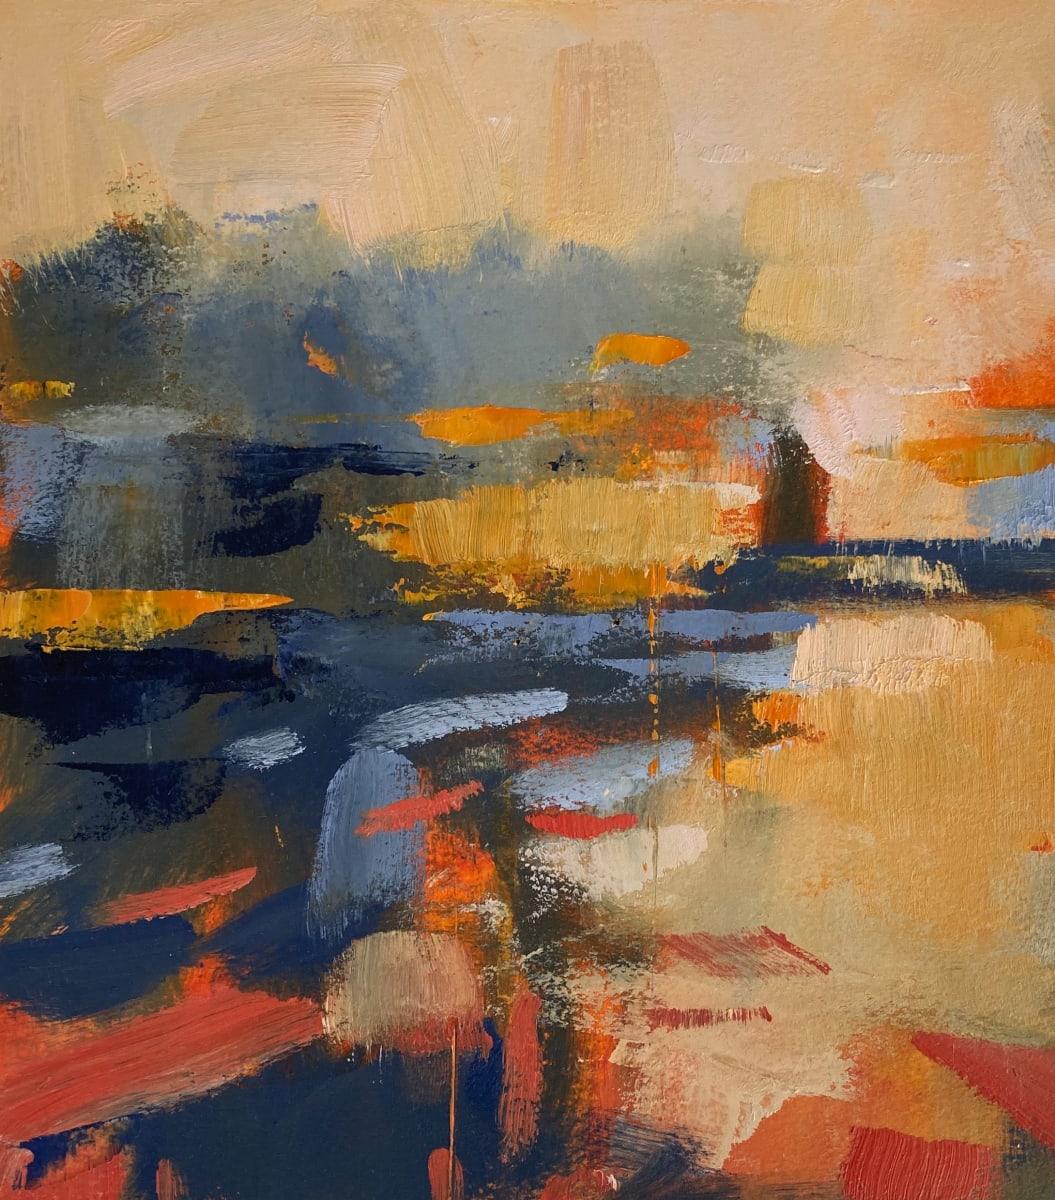 October Respite by Cameron Schmitz